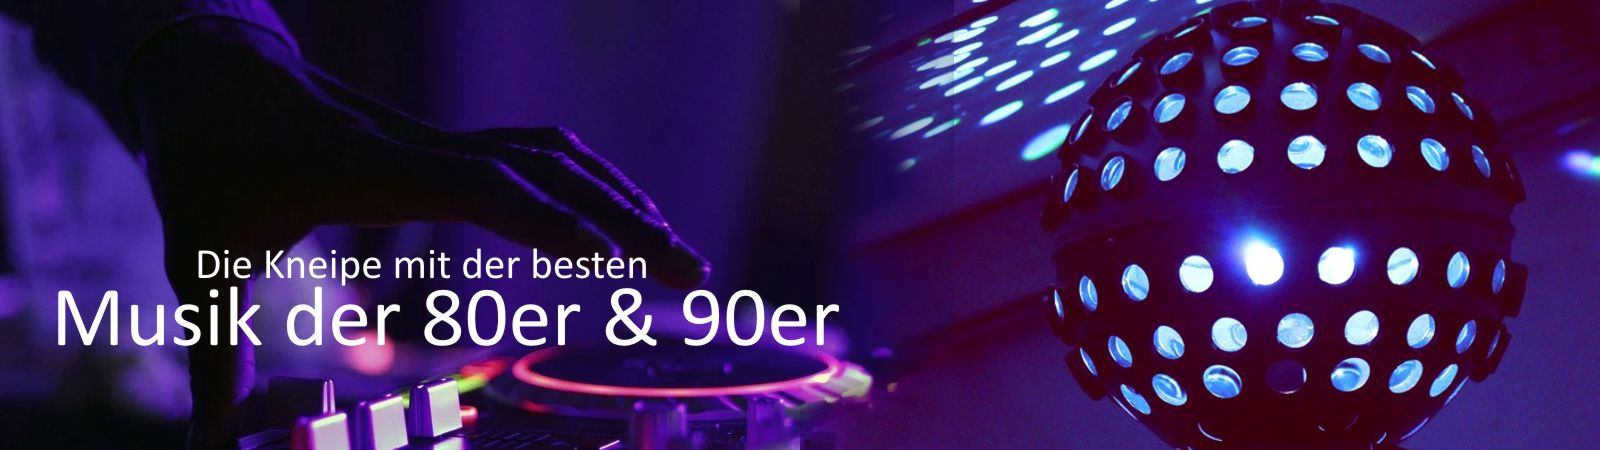 Hütt header Musik2